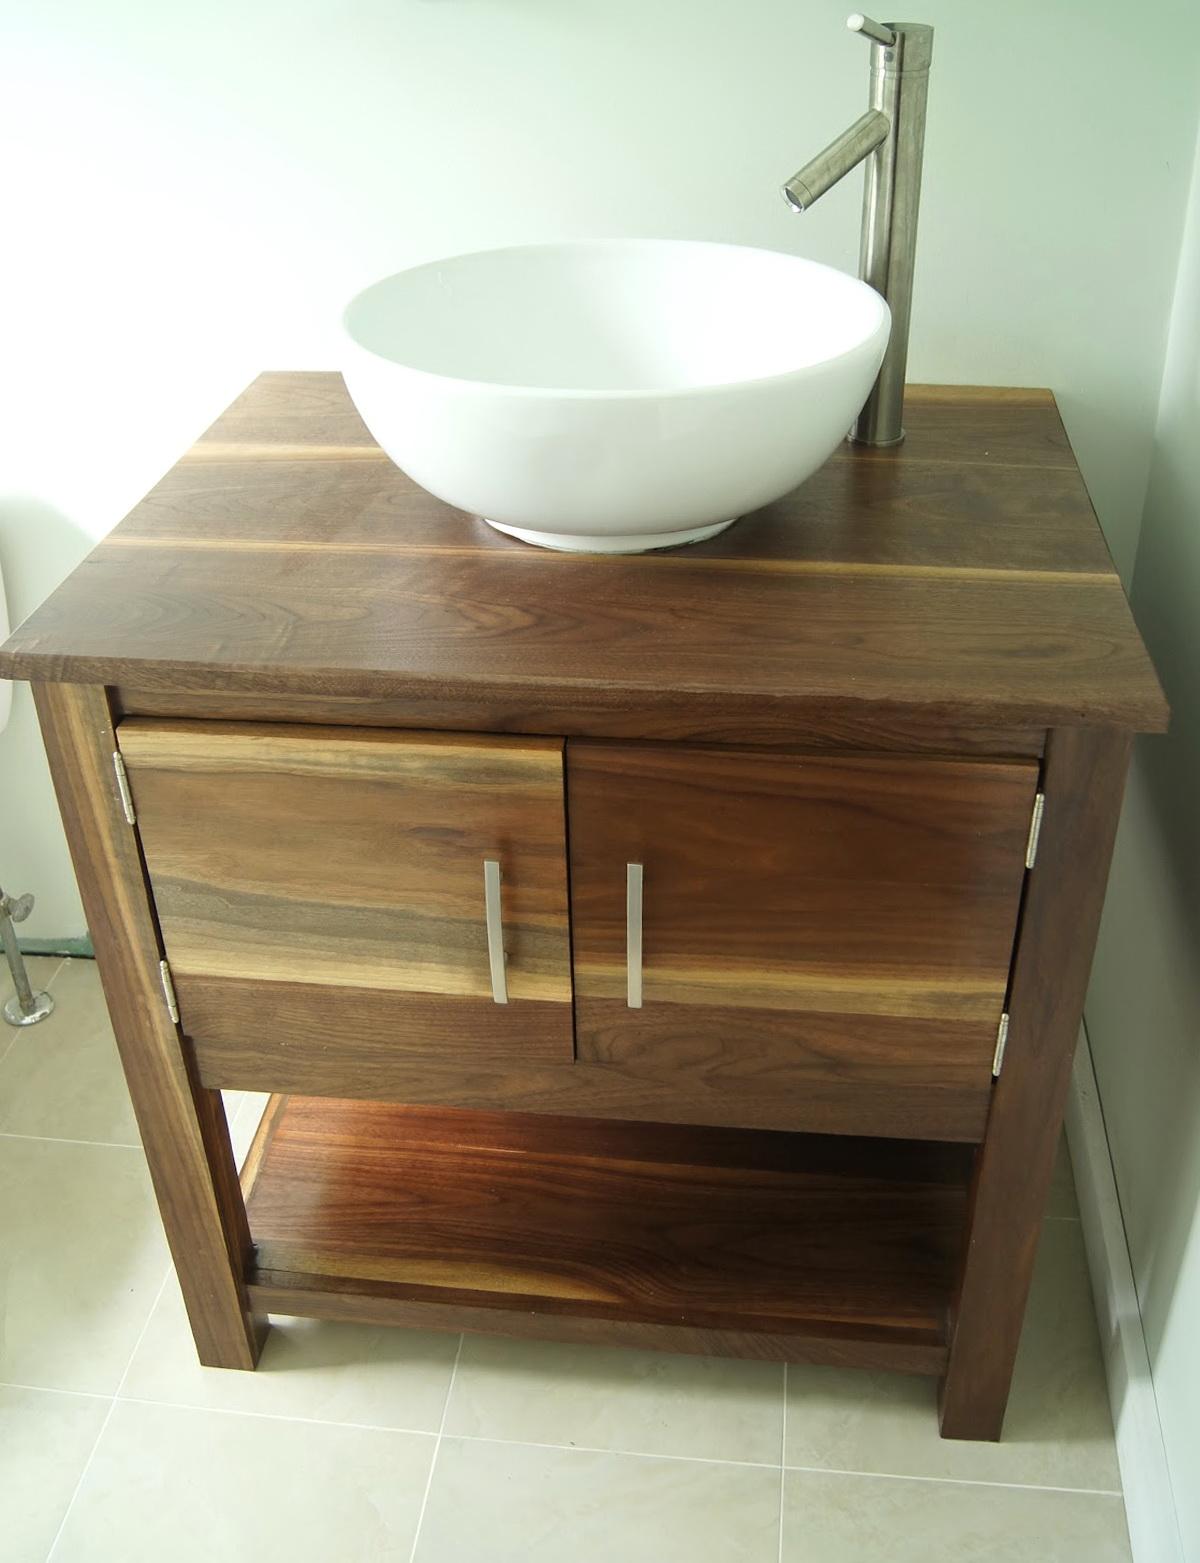 Diy Bath Vanity Cabinet